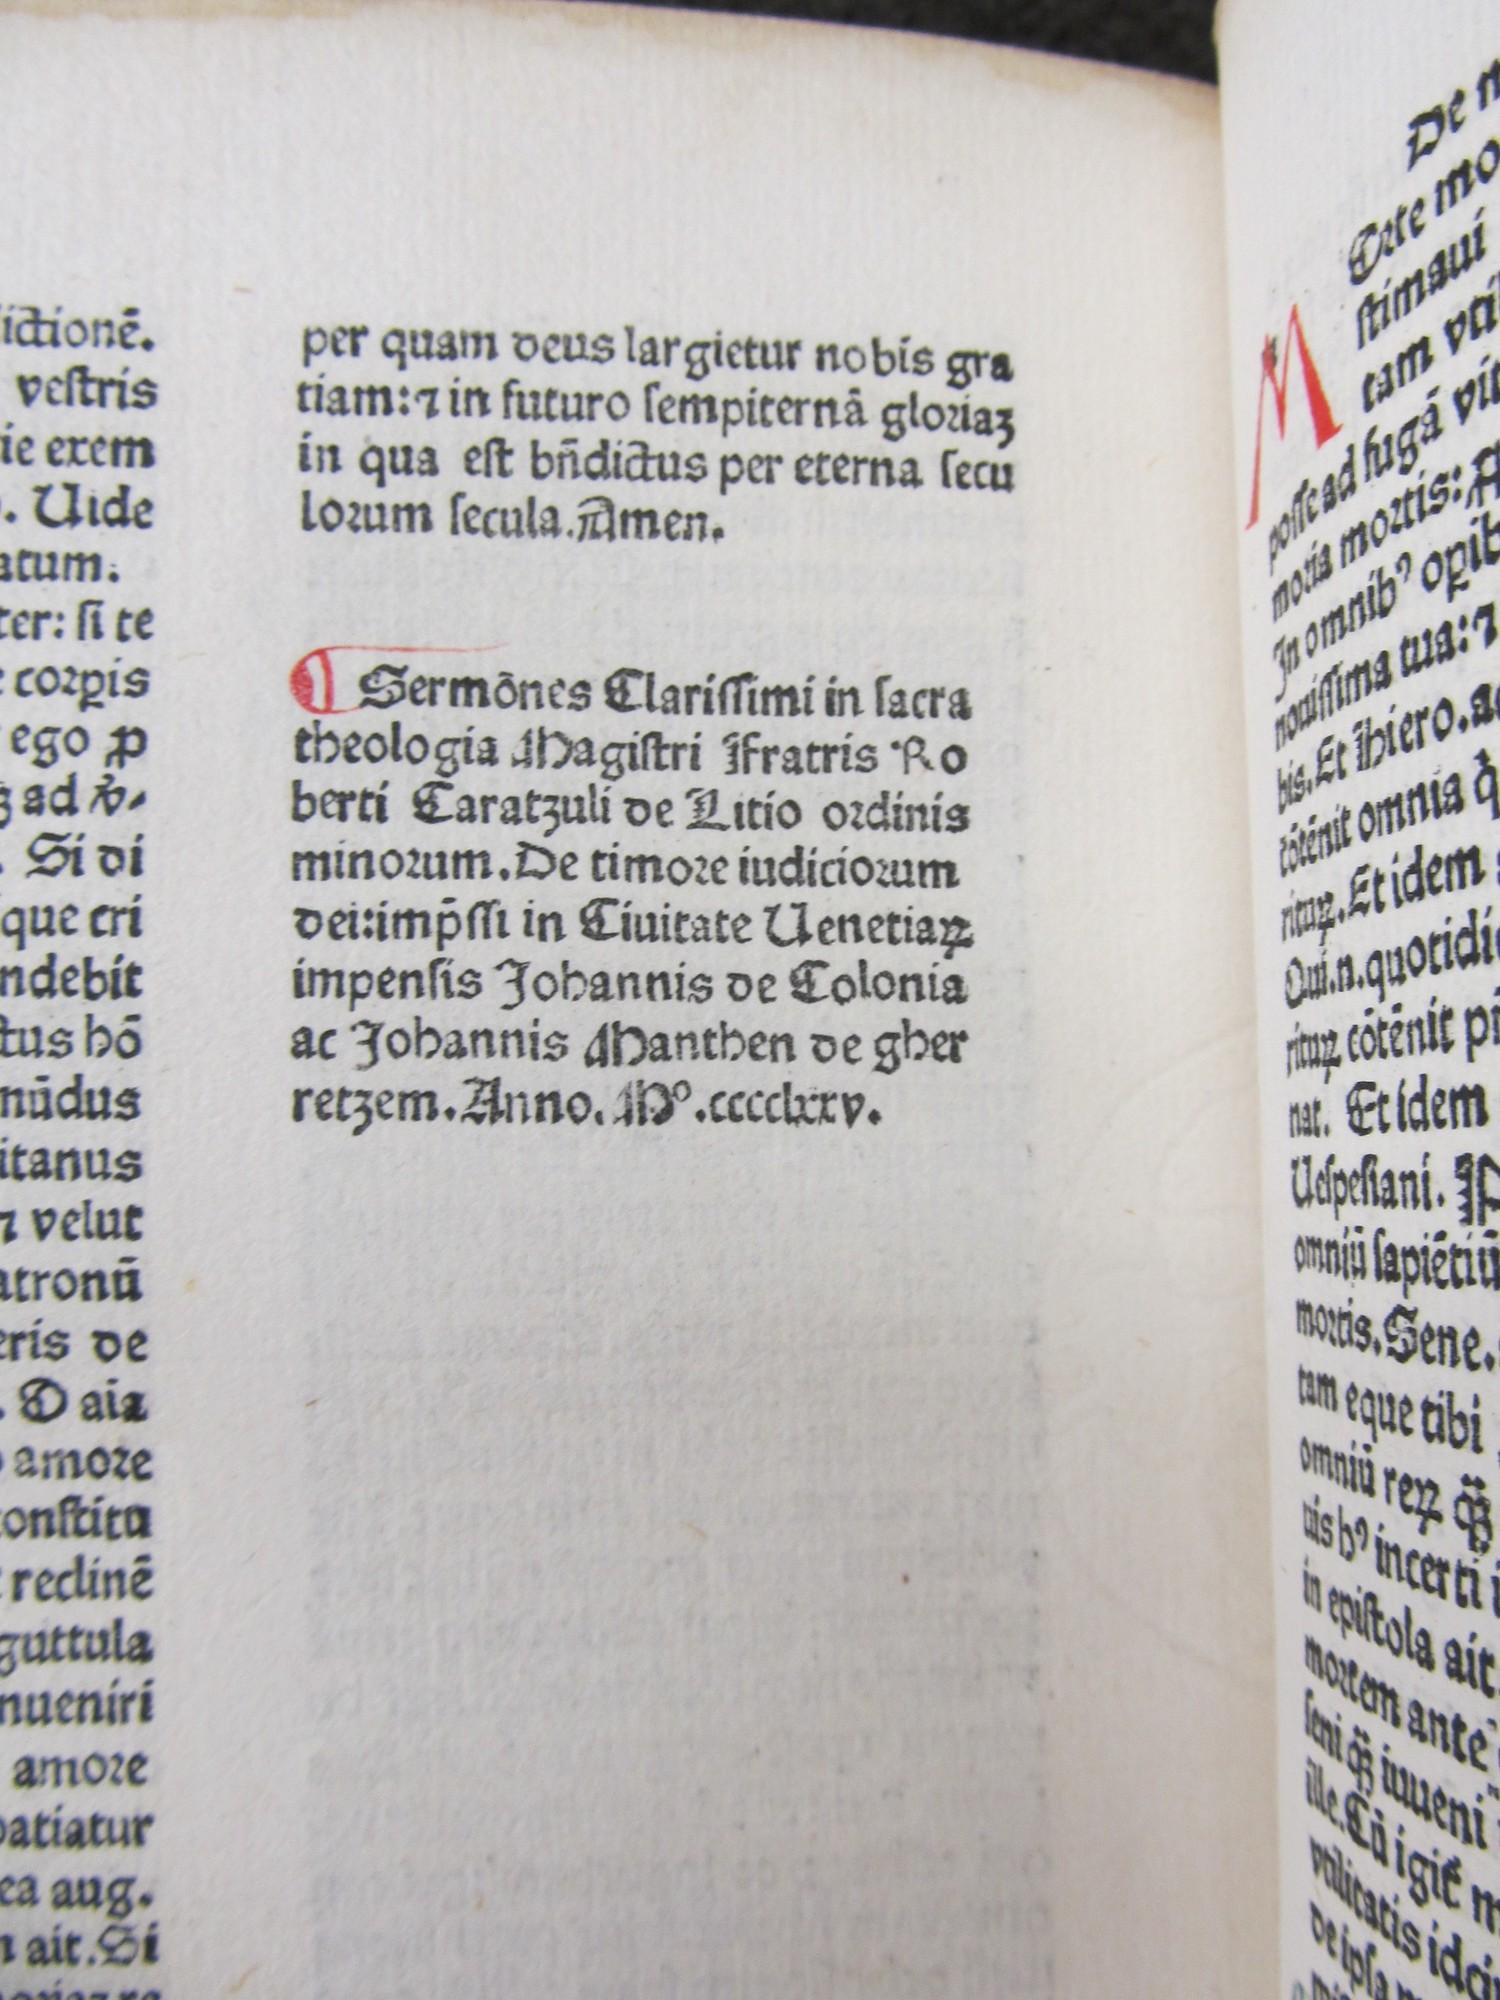 Sermones clarissimi in sacra theologia magistri Fratris Roberti Caratzuli de Litio ordinis minorum De timore iudiciorum Dei.